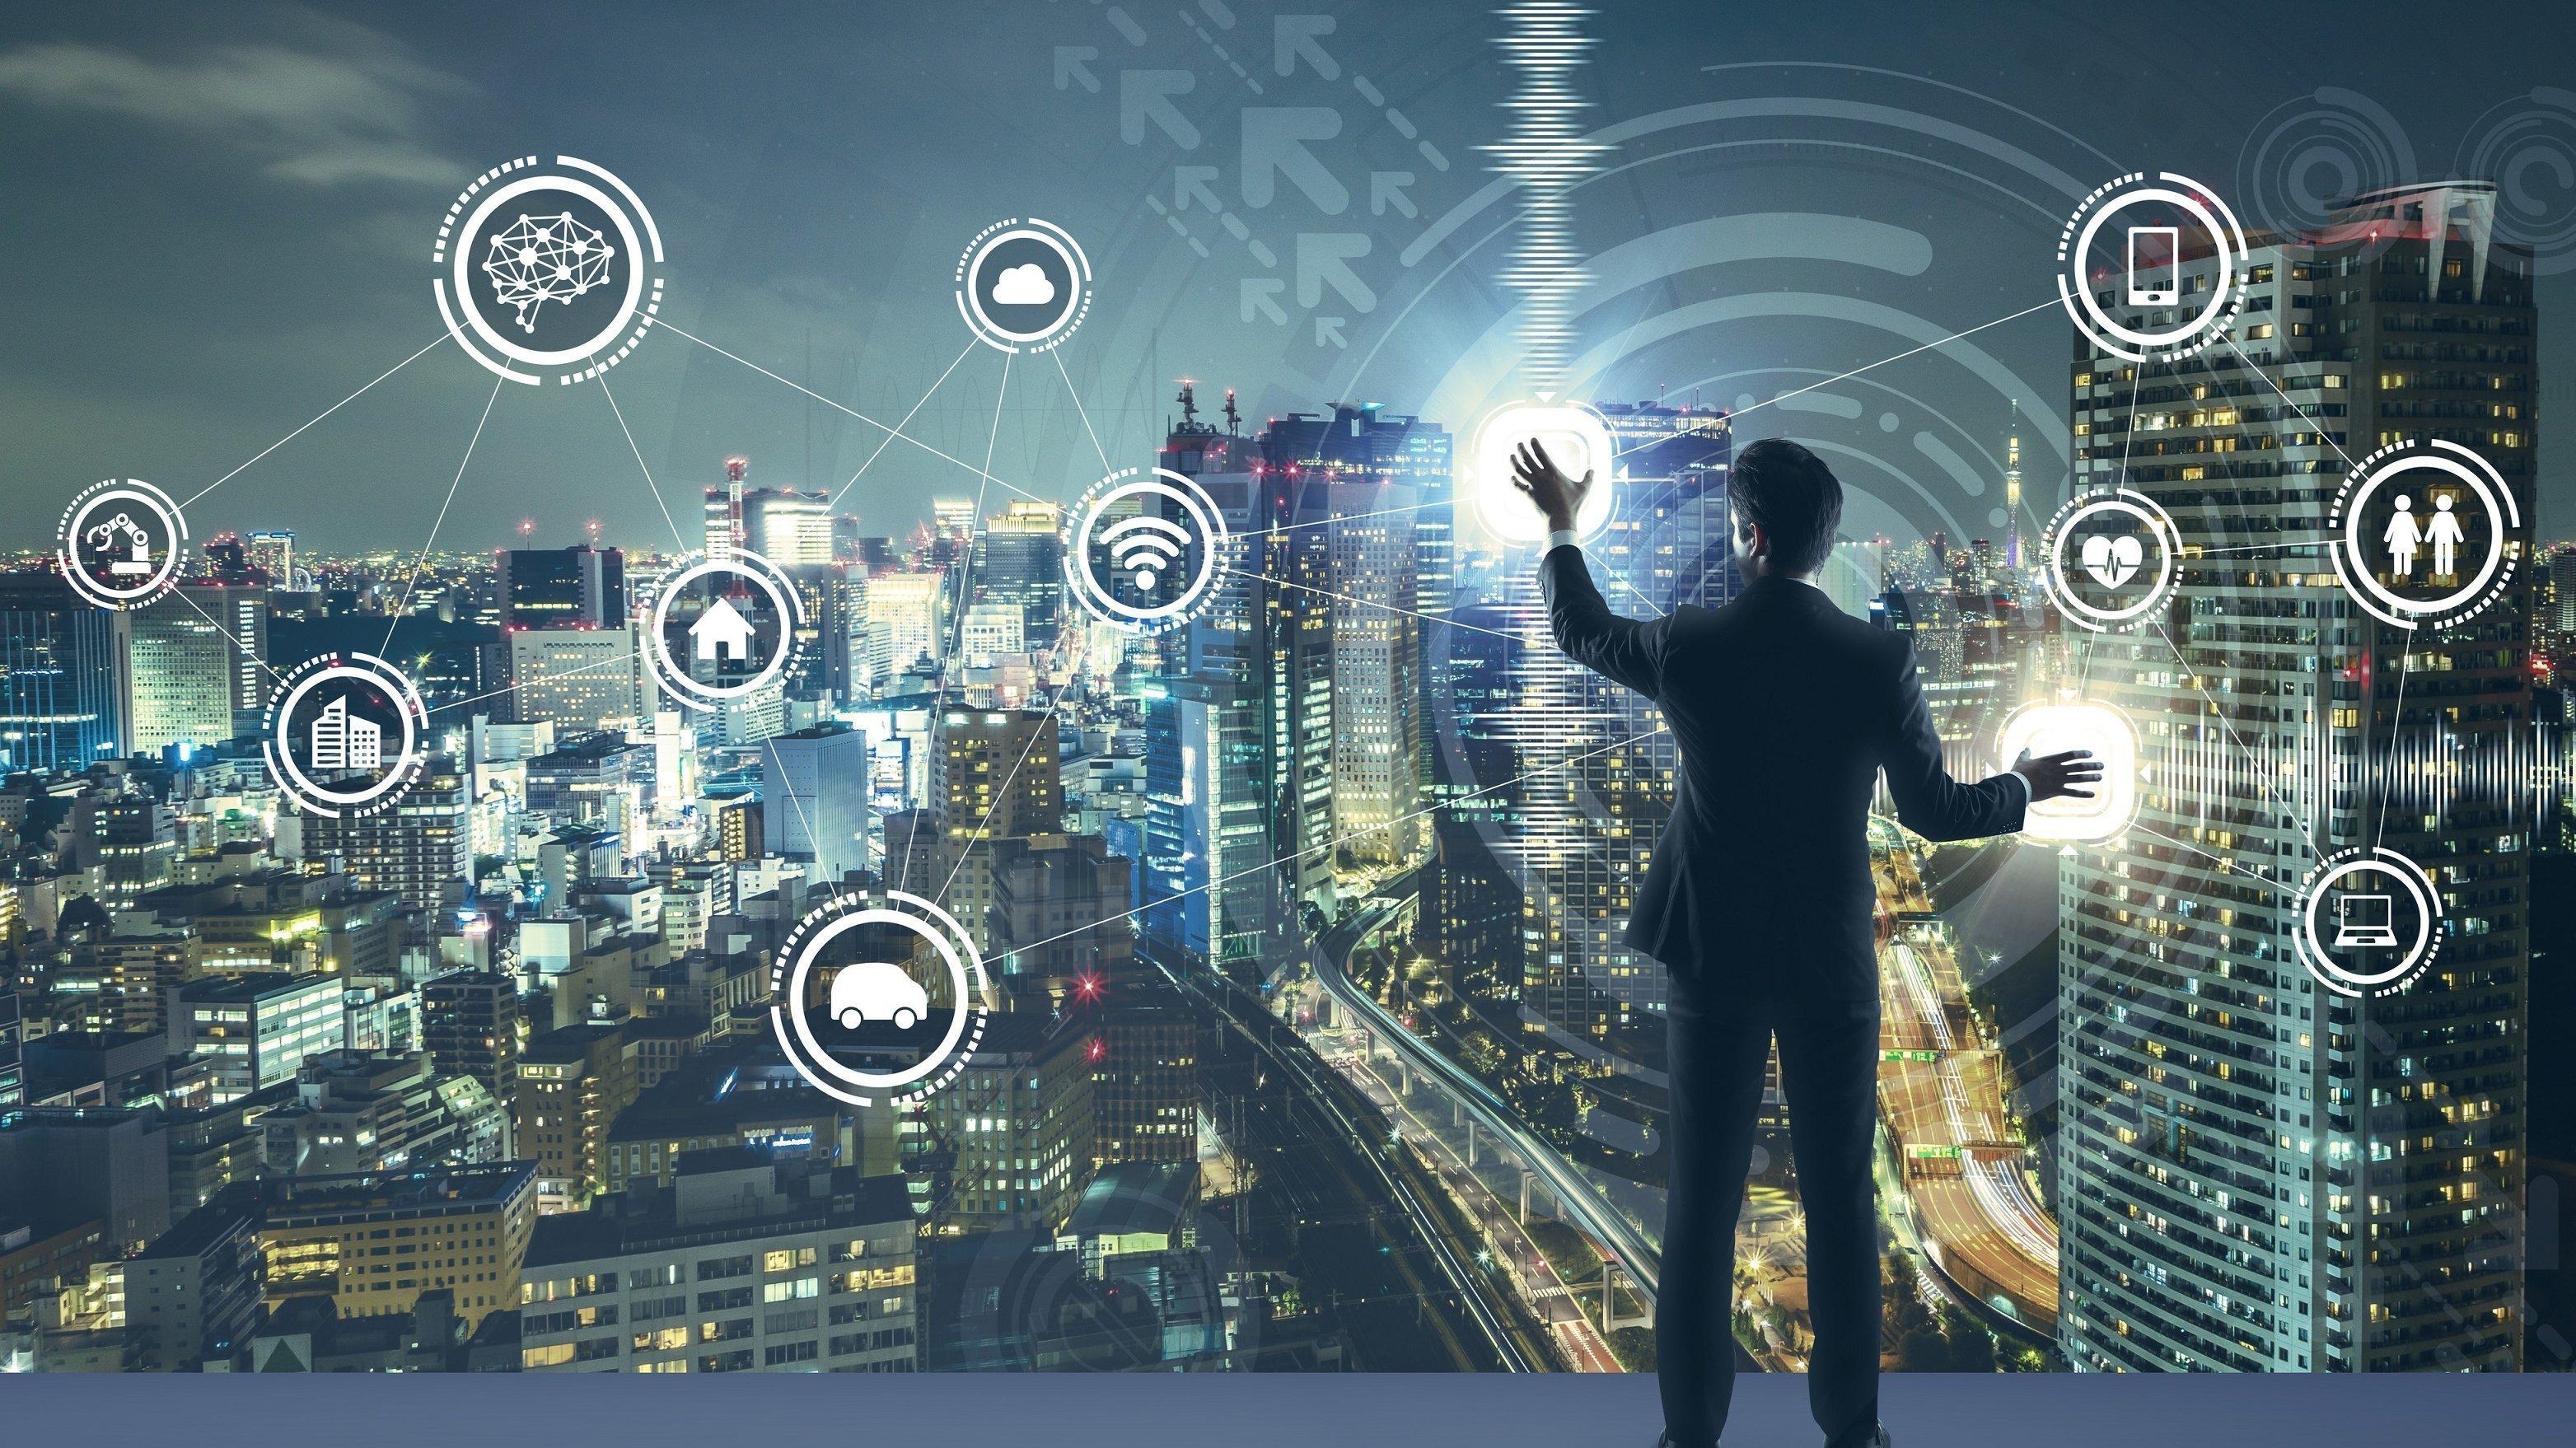 Ein Mann steht vor einem digitalisierten Netzwerk. Das Bild symbolisiert die Macht der künstlichen Intelligenz durch Überwachung, Auswahl und maschine learning.